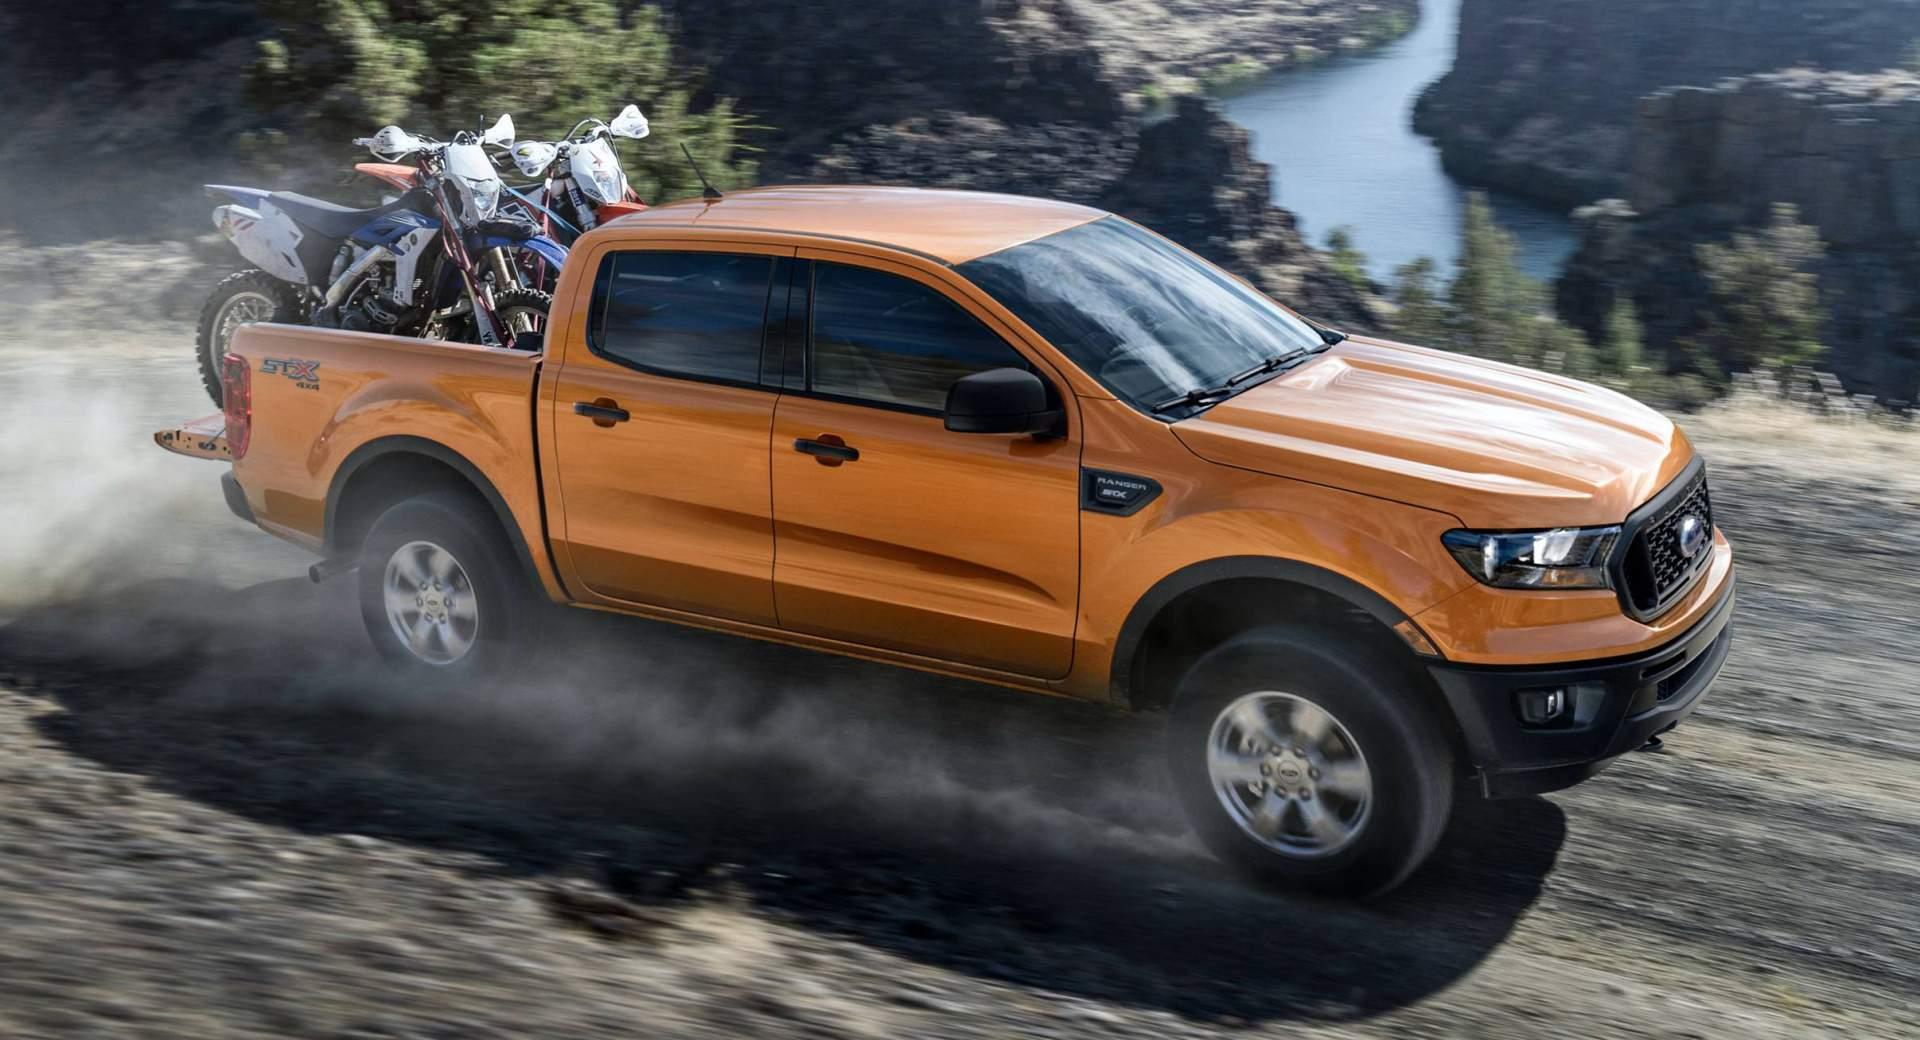 2019-ford-ranger-tiet-kiem-nhien-lieu-1.jpg